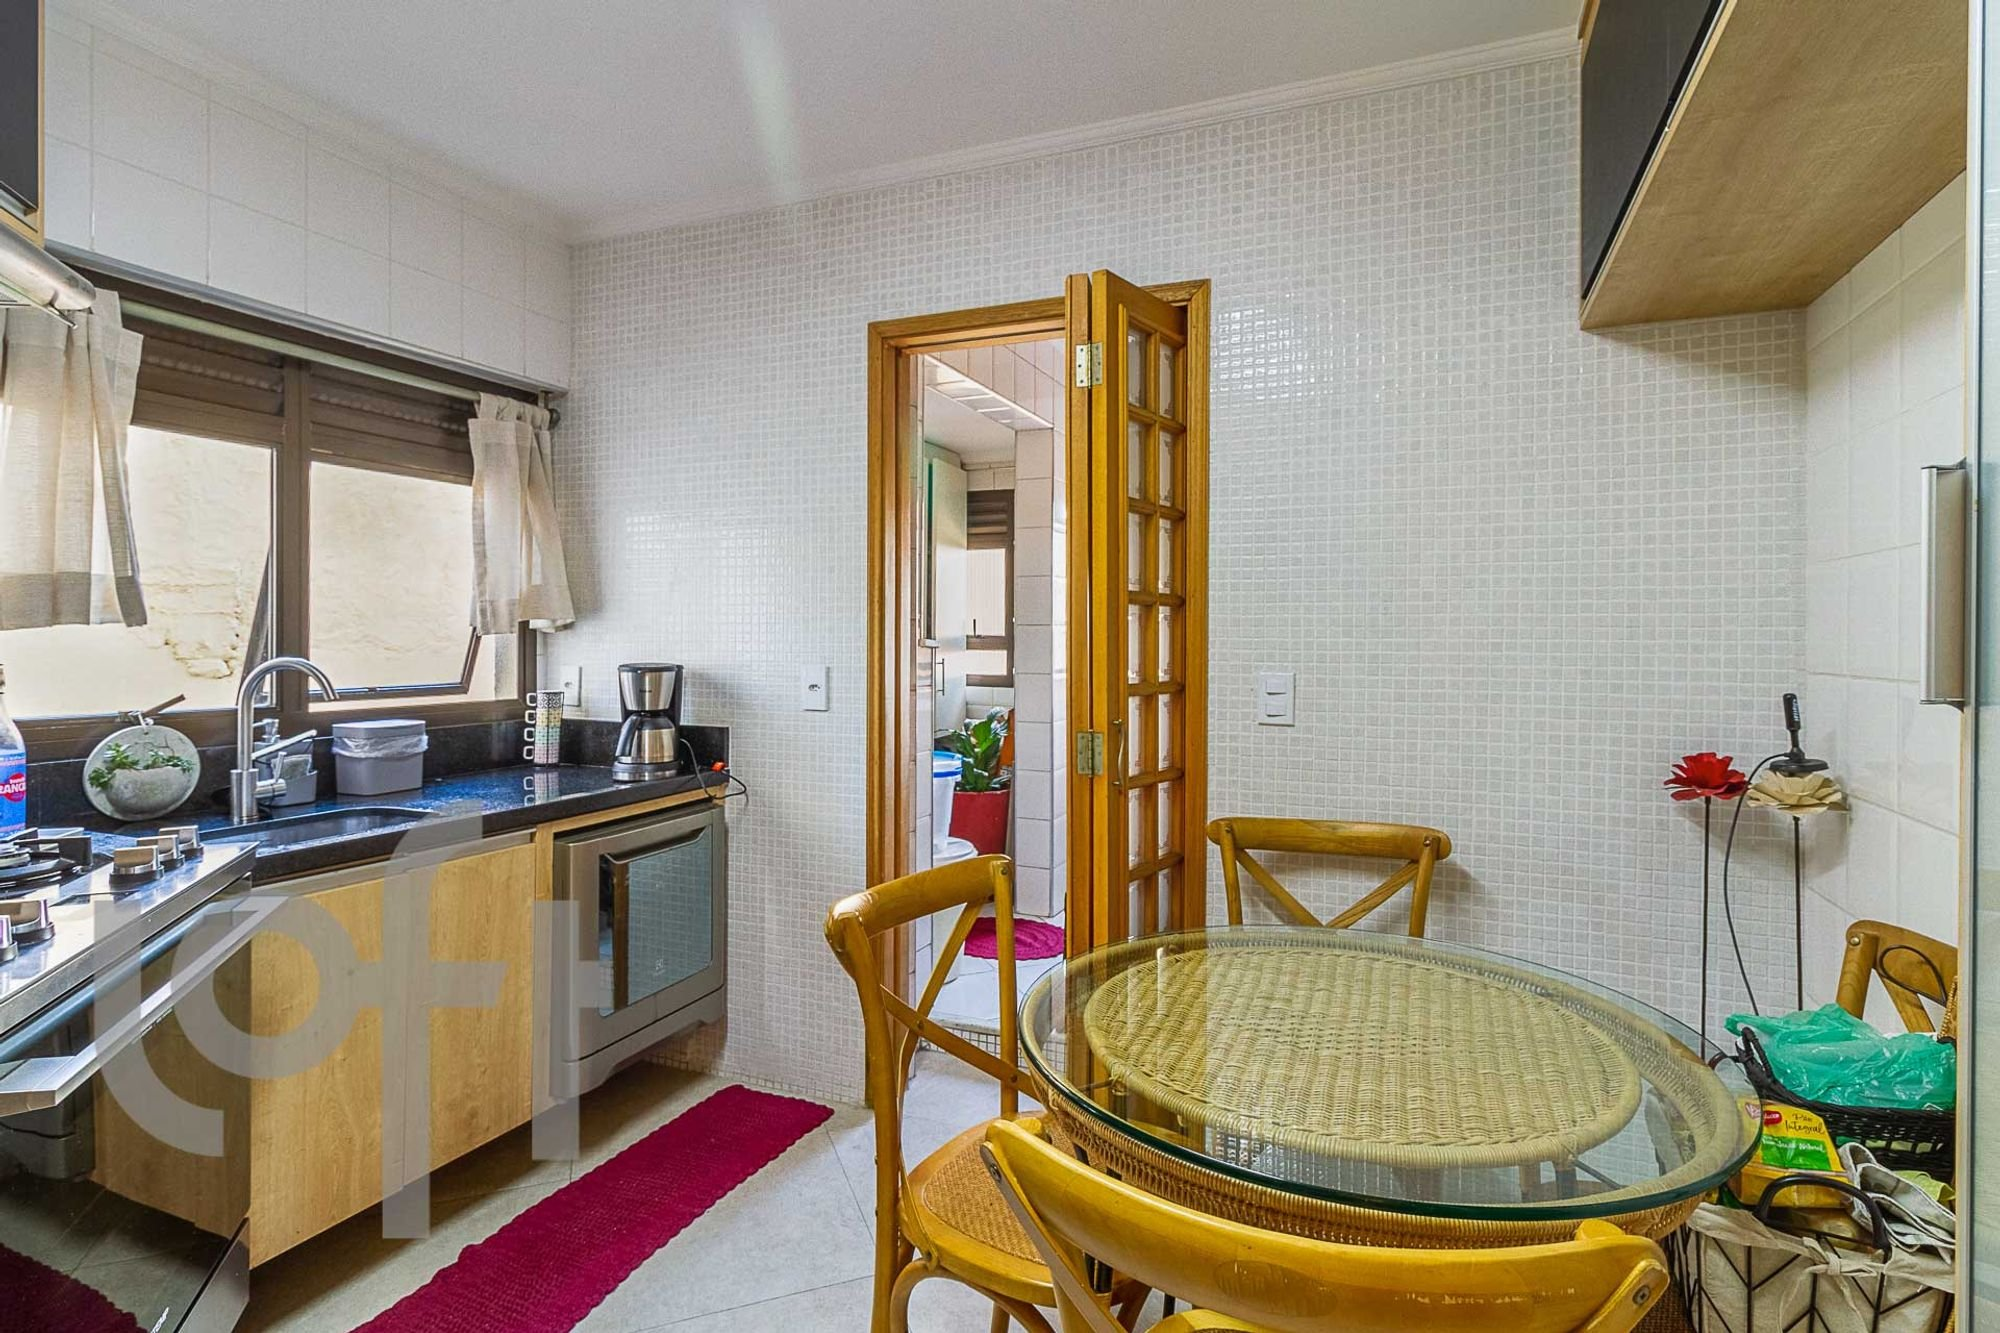 Foto de Cozinha com vaso de planta, cadeira, garrafa